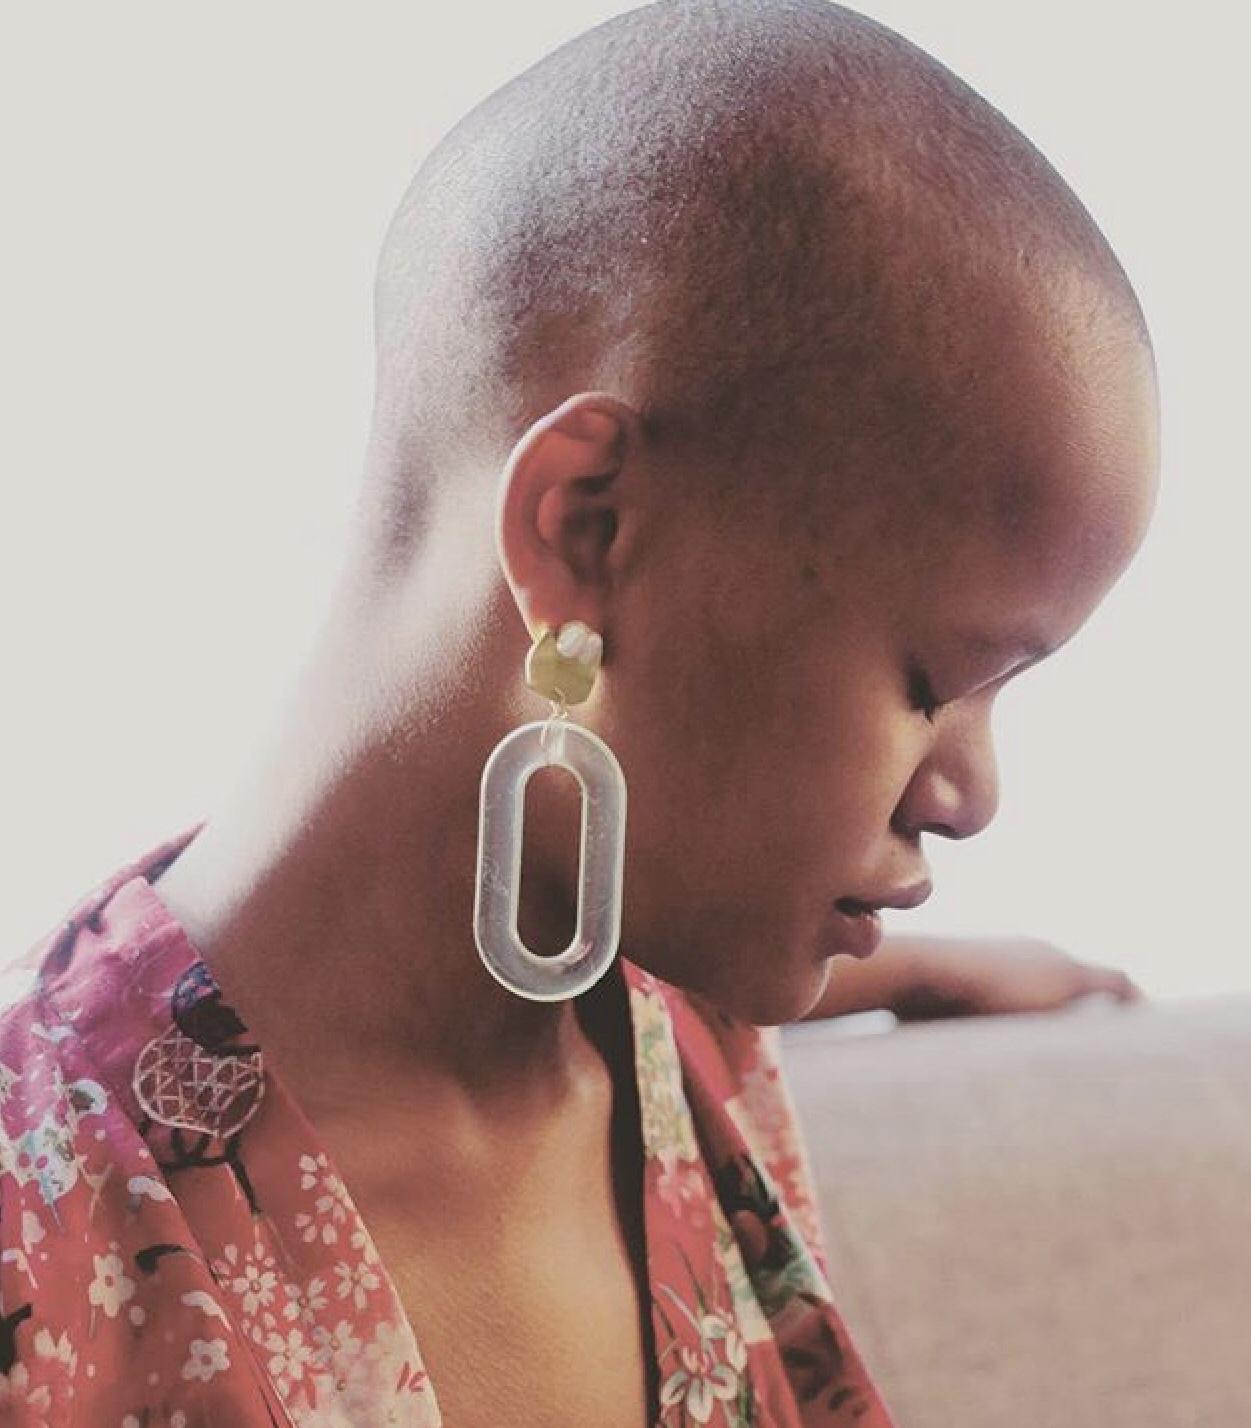 The Hailey Earring